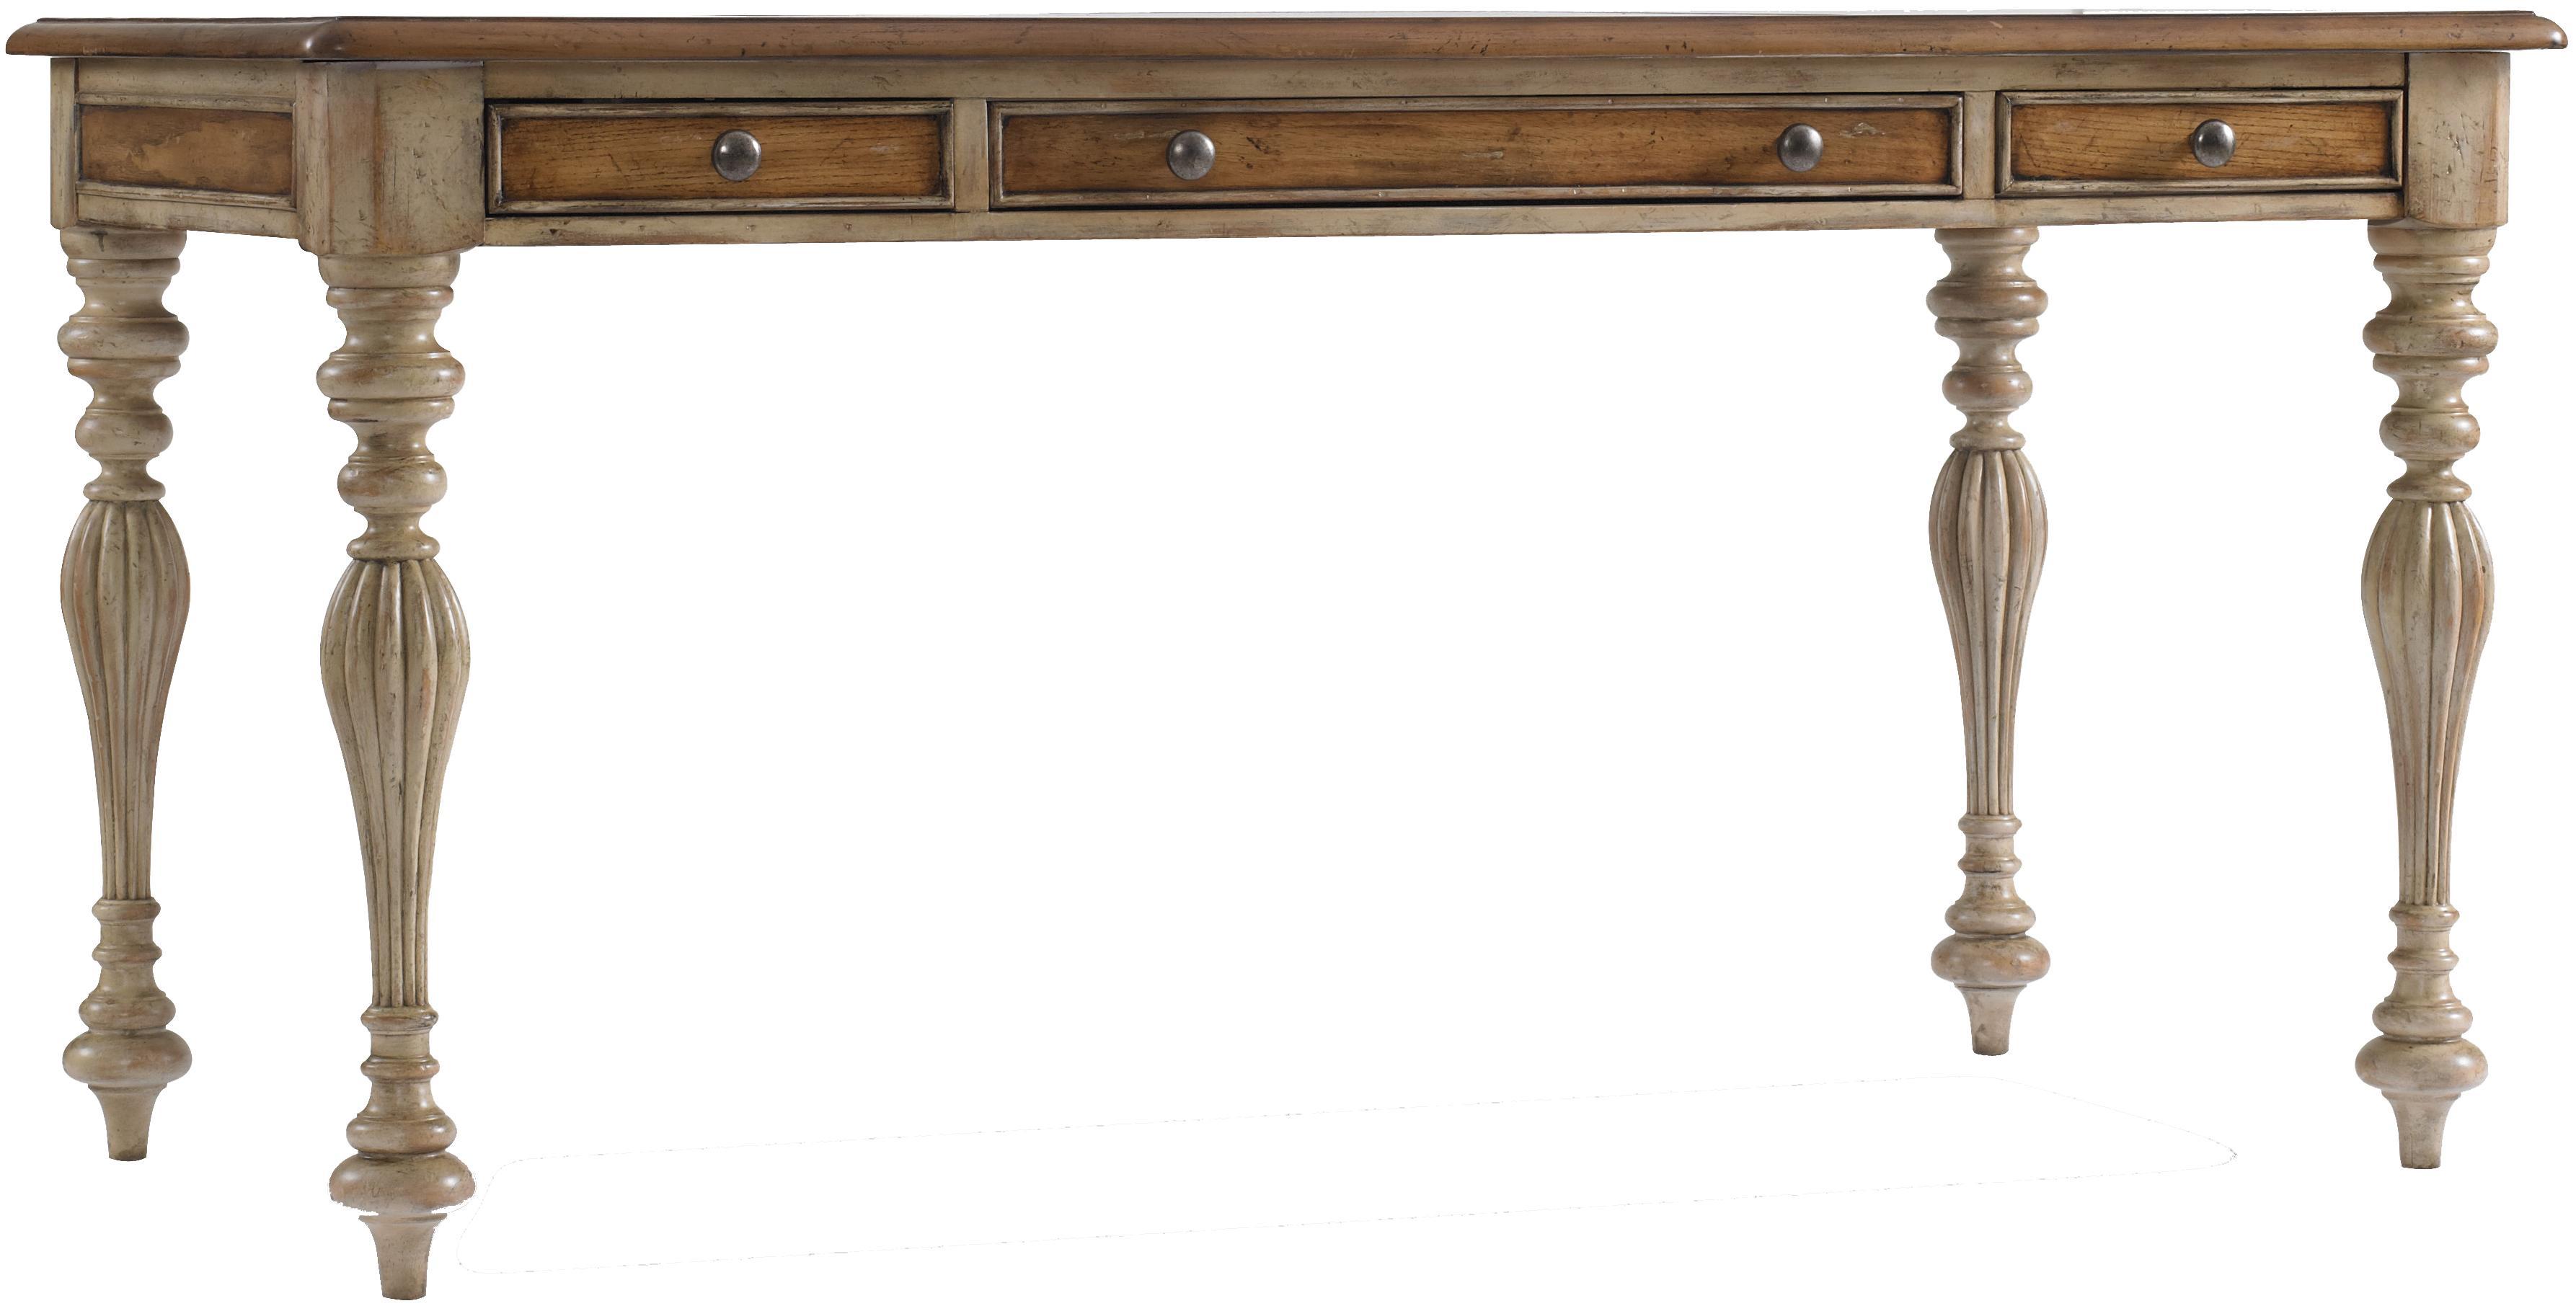 Hooker Furniture Sanctuary 60-Inch Writing Desk - Item Number: 3002-10458